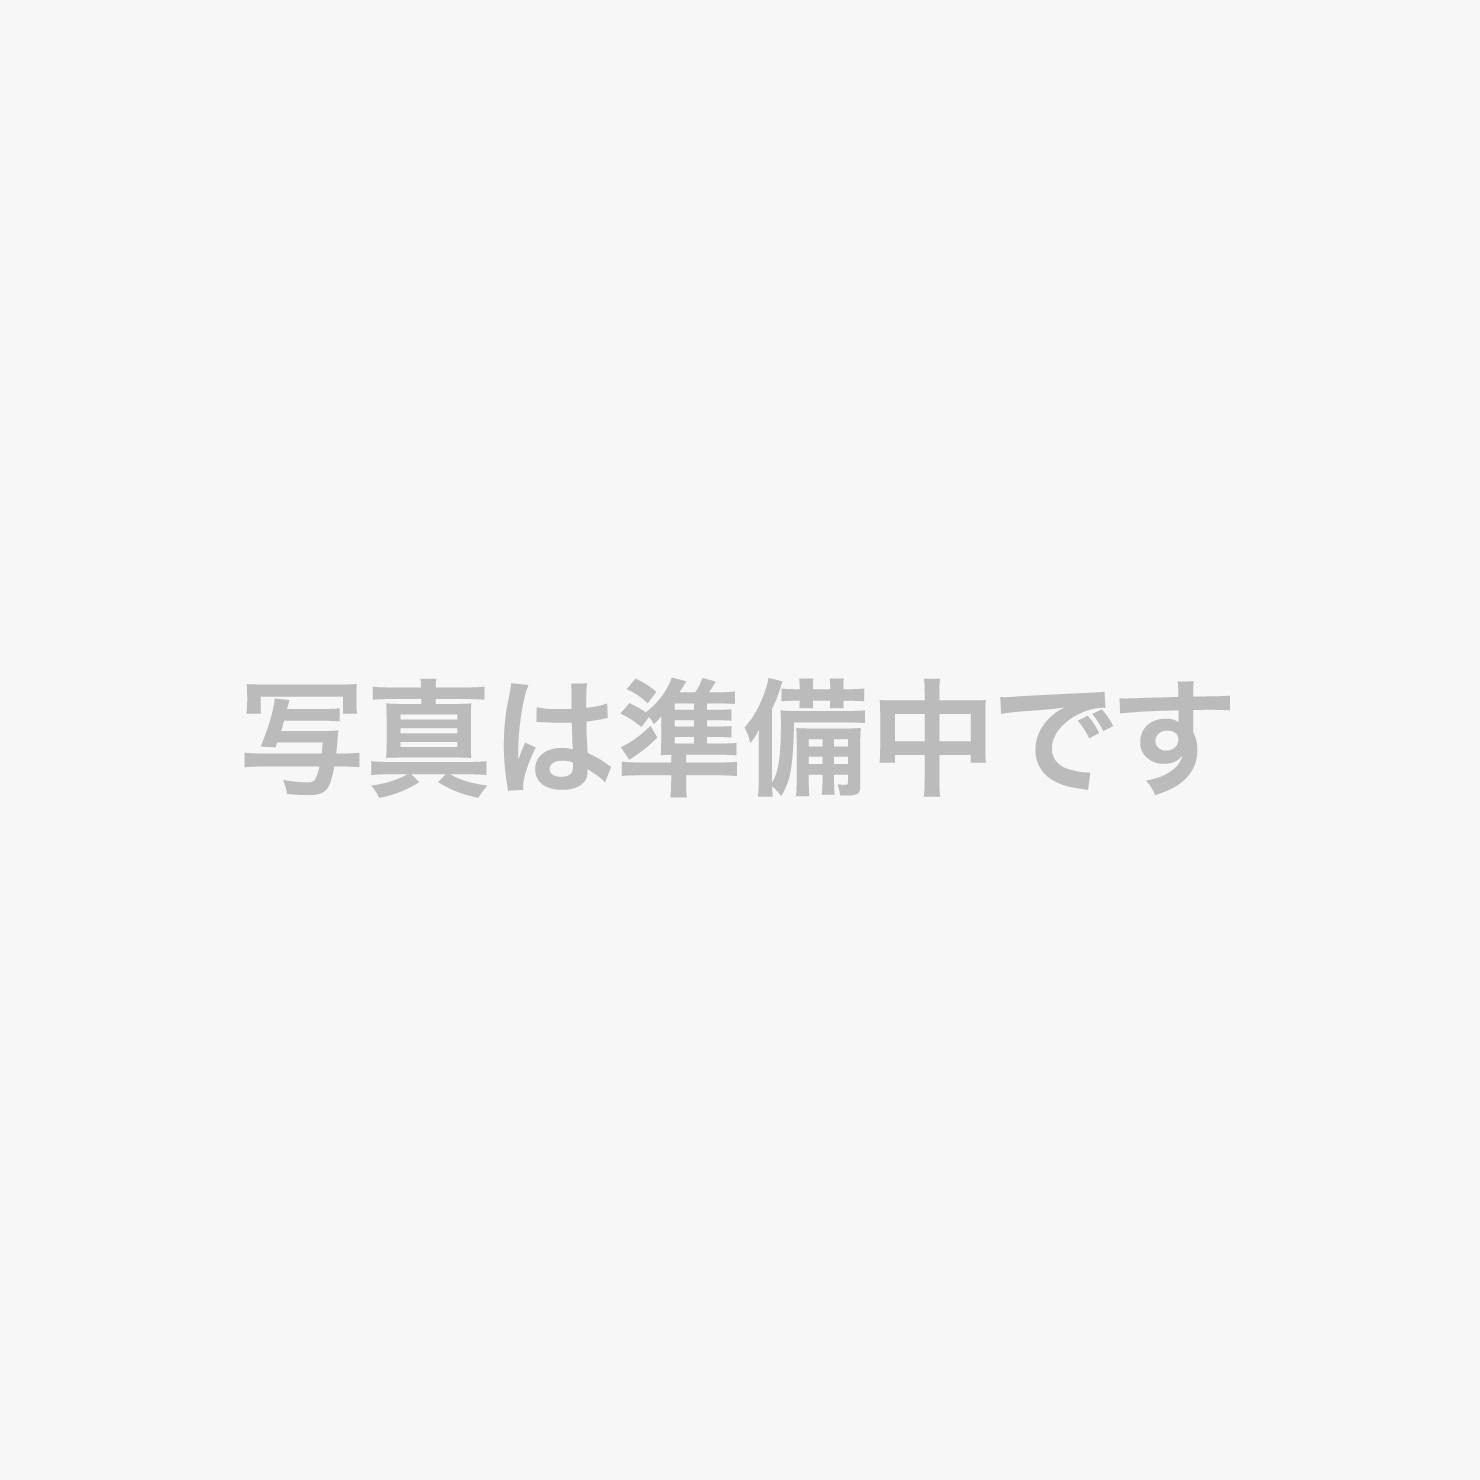 【最強の朝食】温製料理